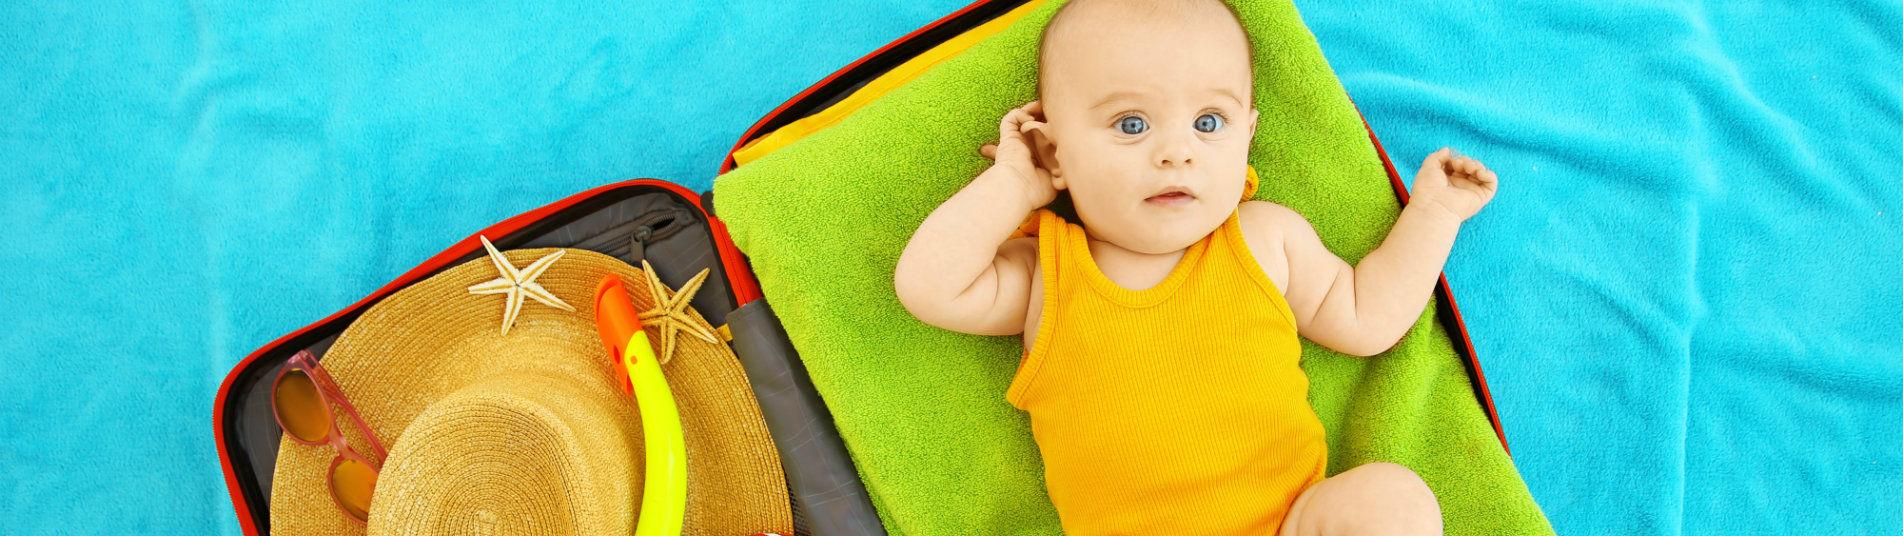 Bébé prêt à partir en vacances